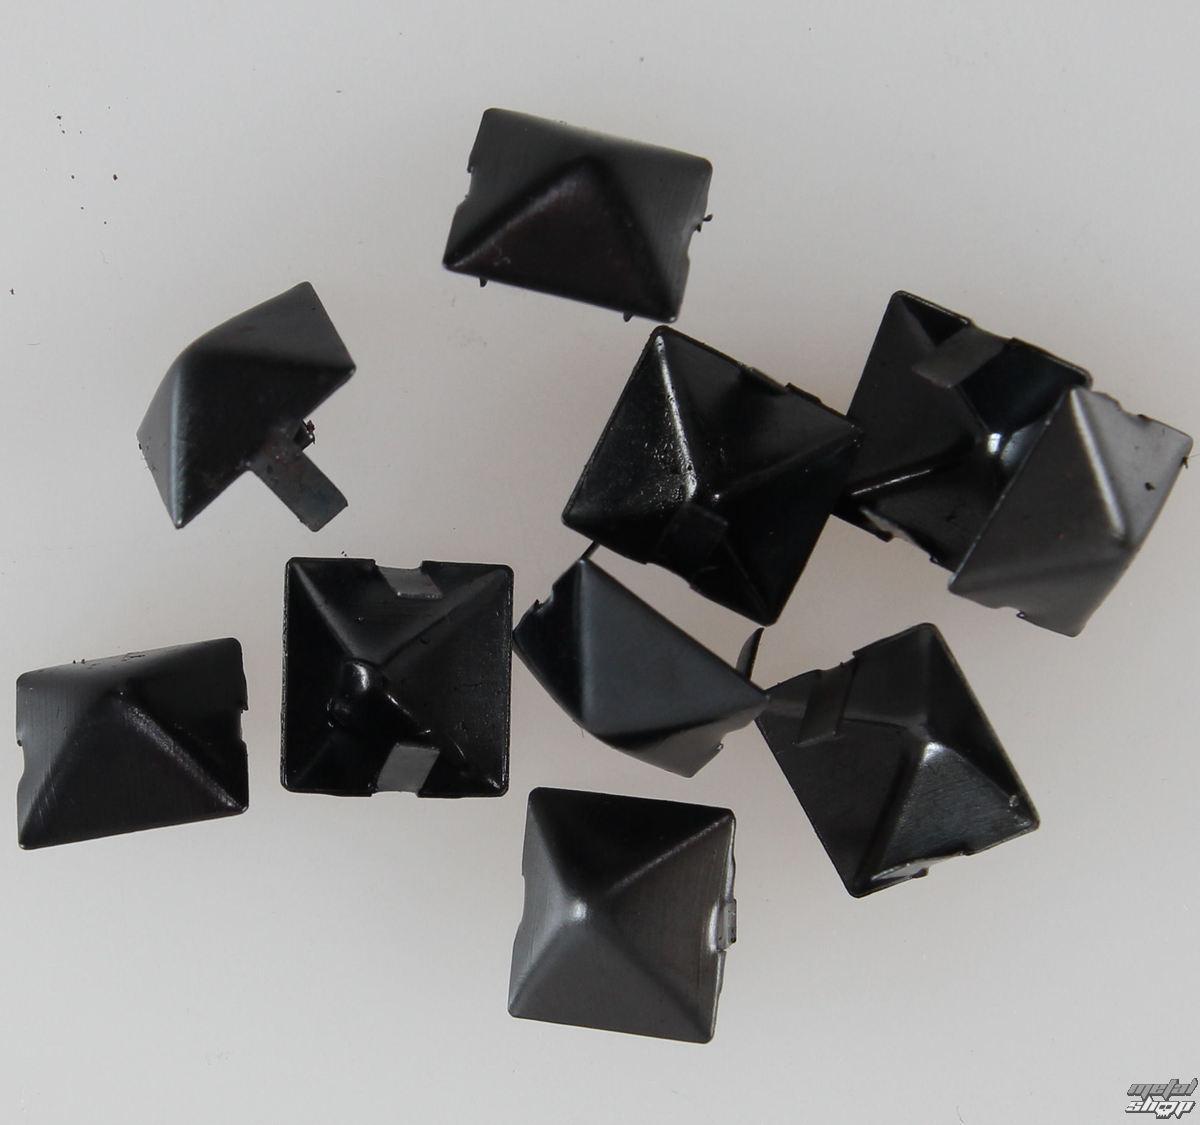 pyramídy kovové BLACK - 10ks - CW-076